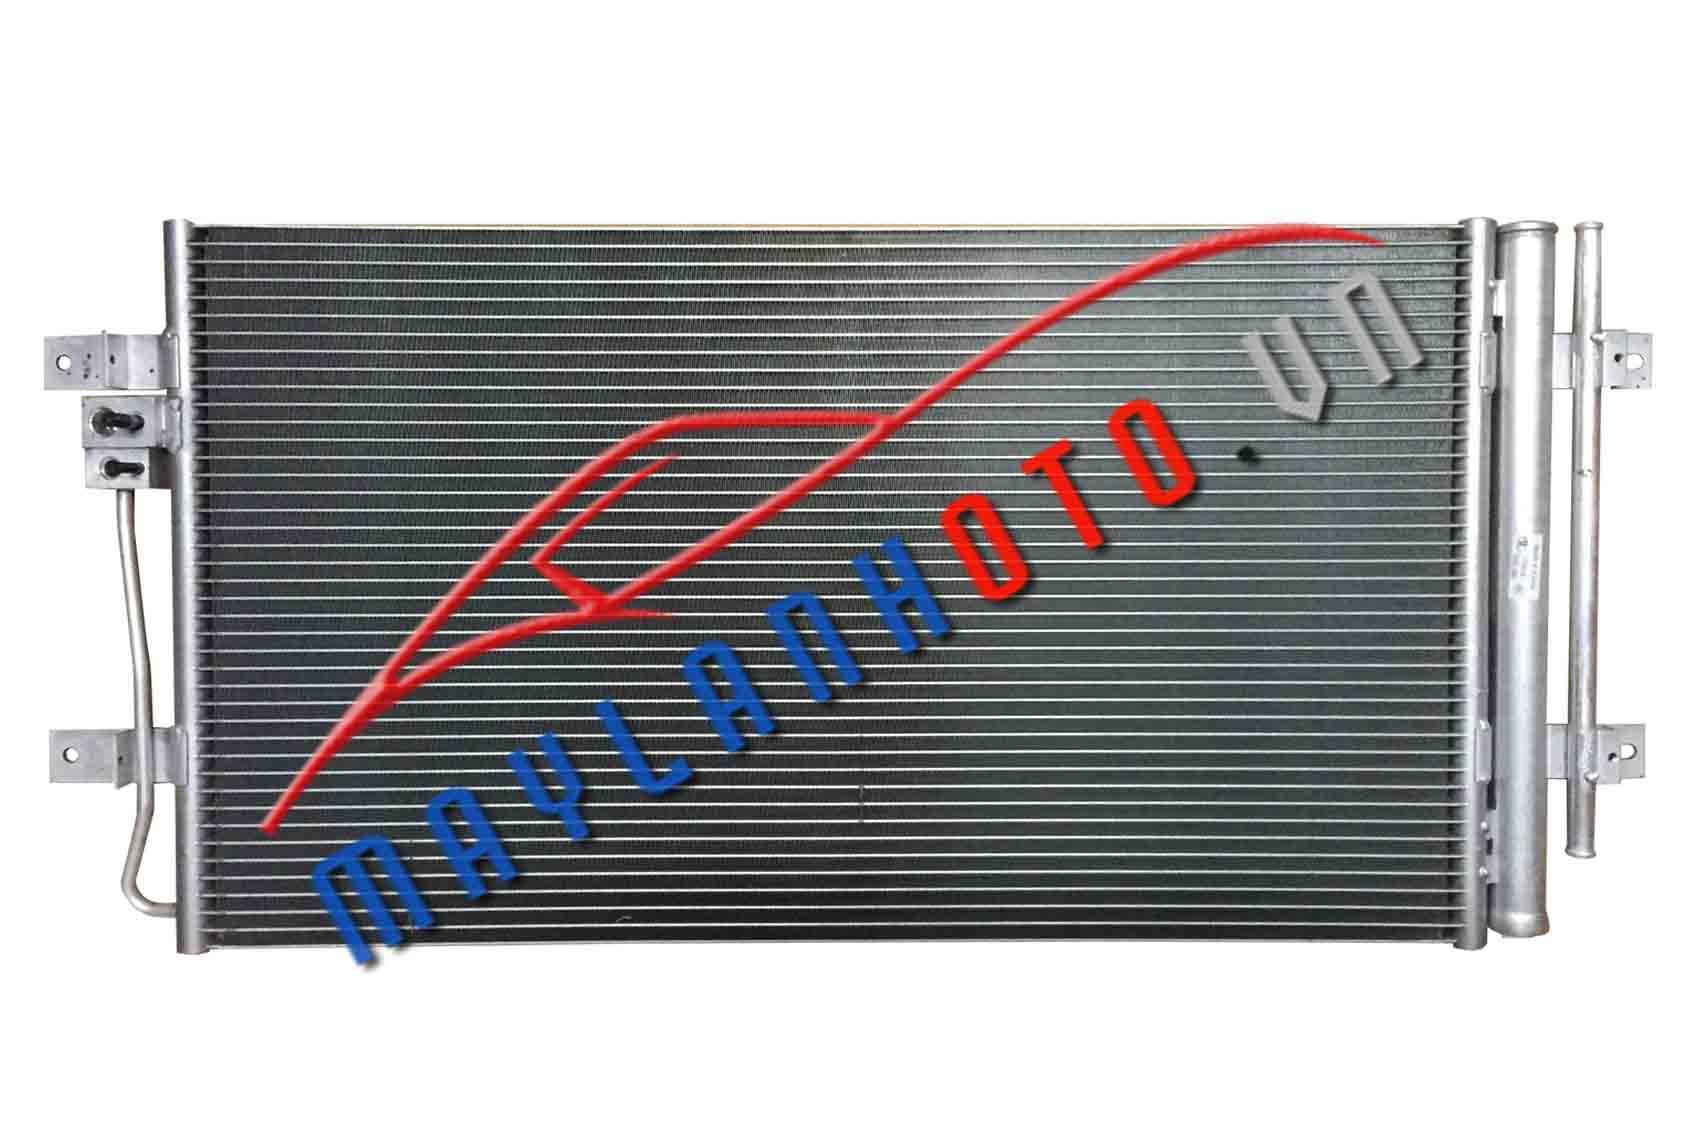 Xcient 19 tấn/ Dàn nóng điều hòa Hyundai Xcient 19 tấn/ Giàn nóng điều hòa Hyundai Xcient 19 tấn